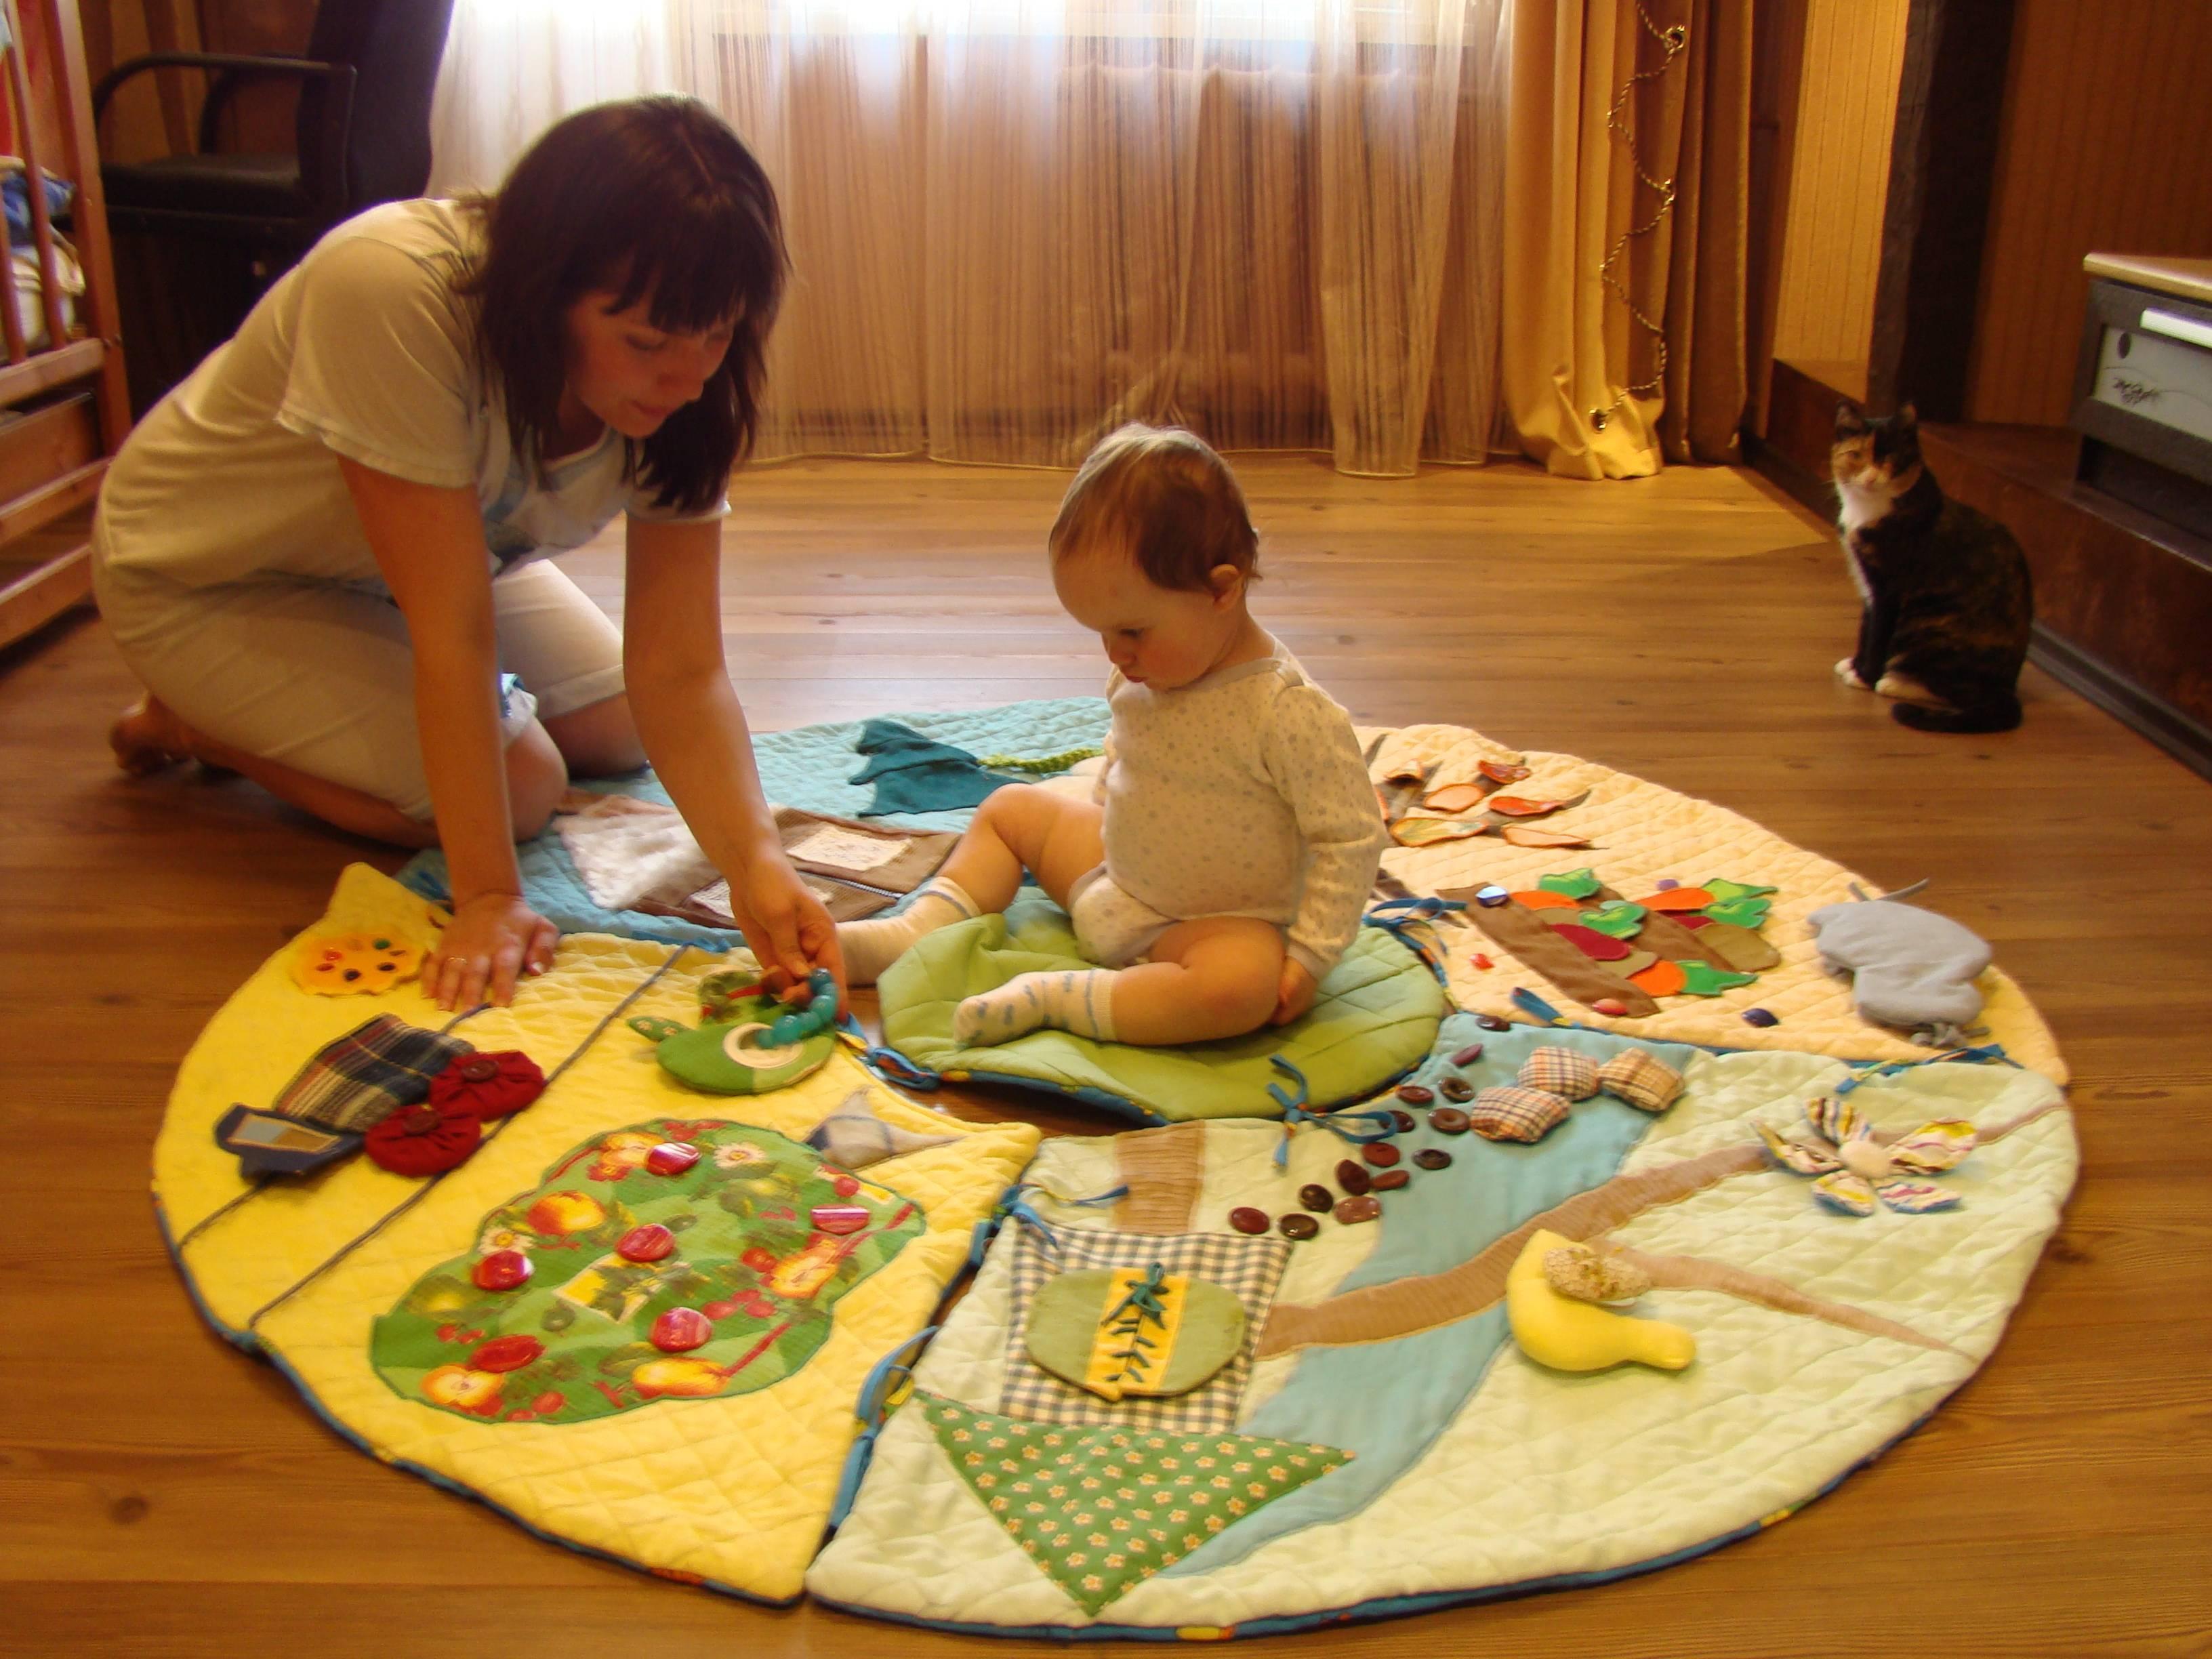 Делаем своими руками: развивающий коврик | материнство - беременность, роды, питание, воспитание